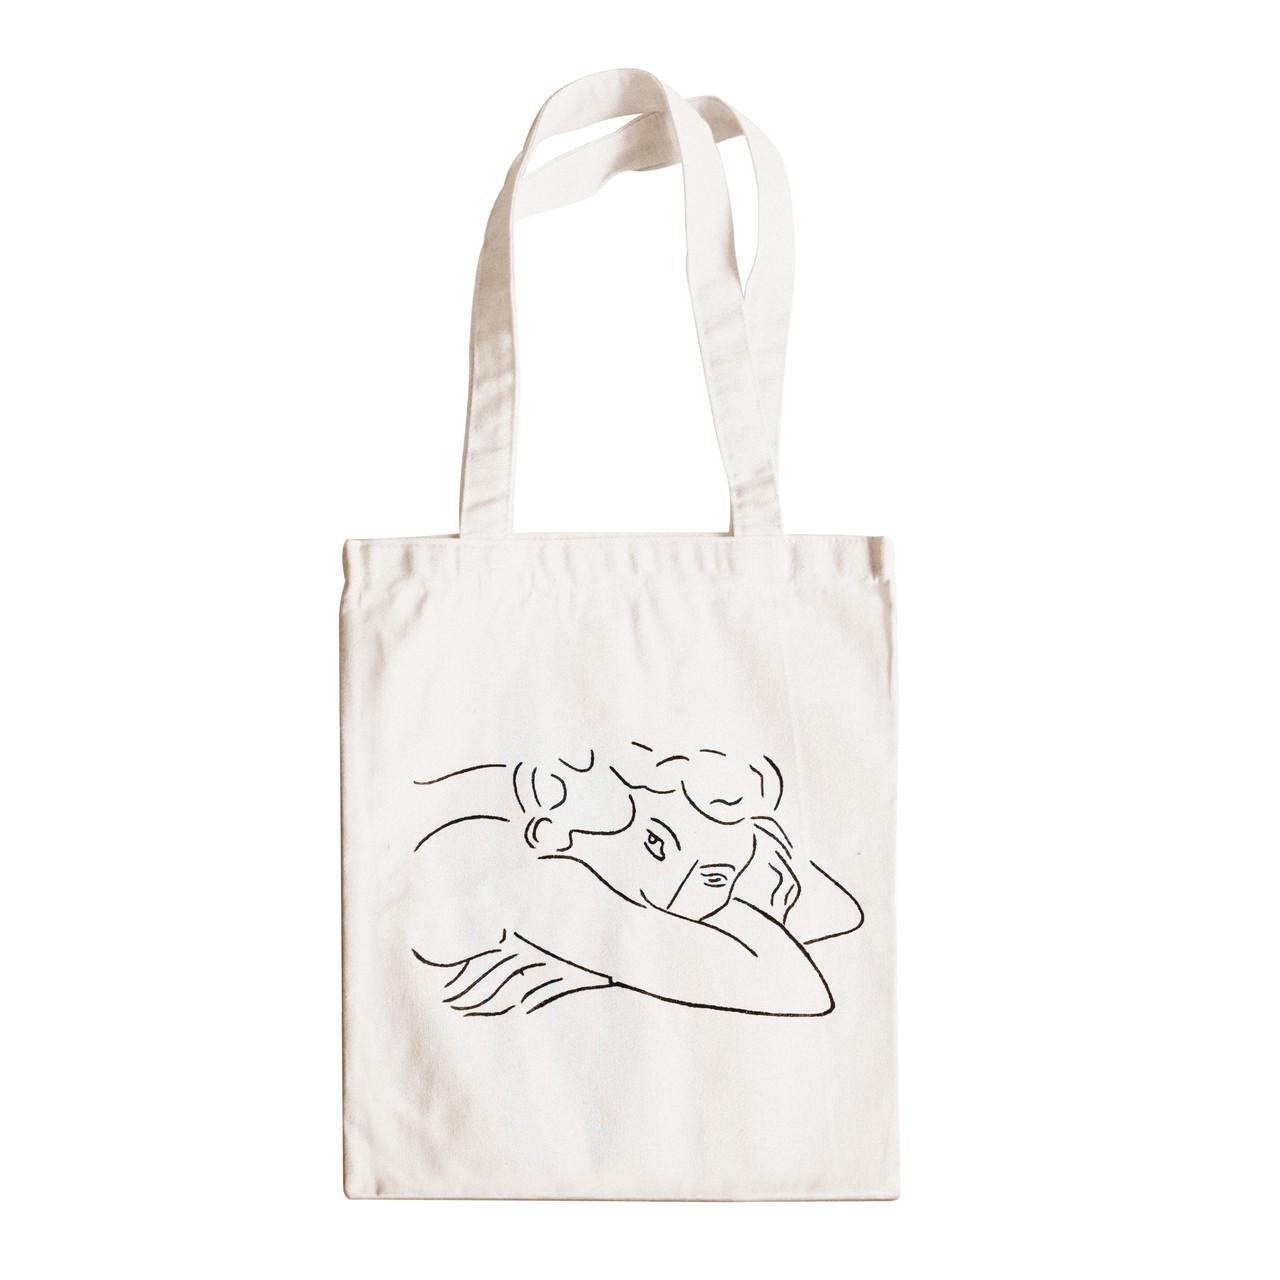 """Трикотажная светлая бежевая сумка для покупок """"эко-шоппер"""" ручной работы с принтом """"Lady"""",двунитка"""